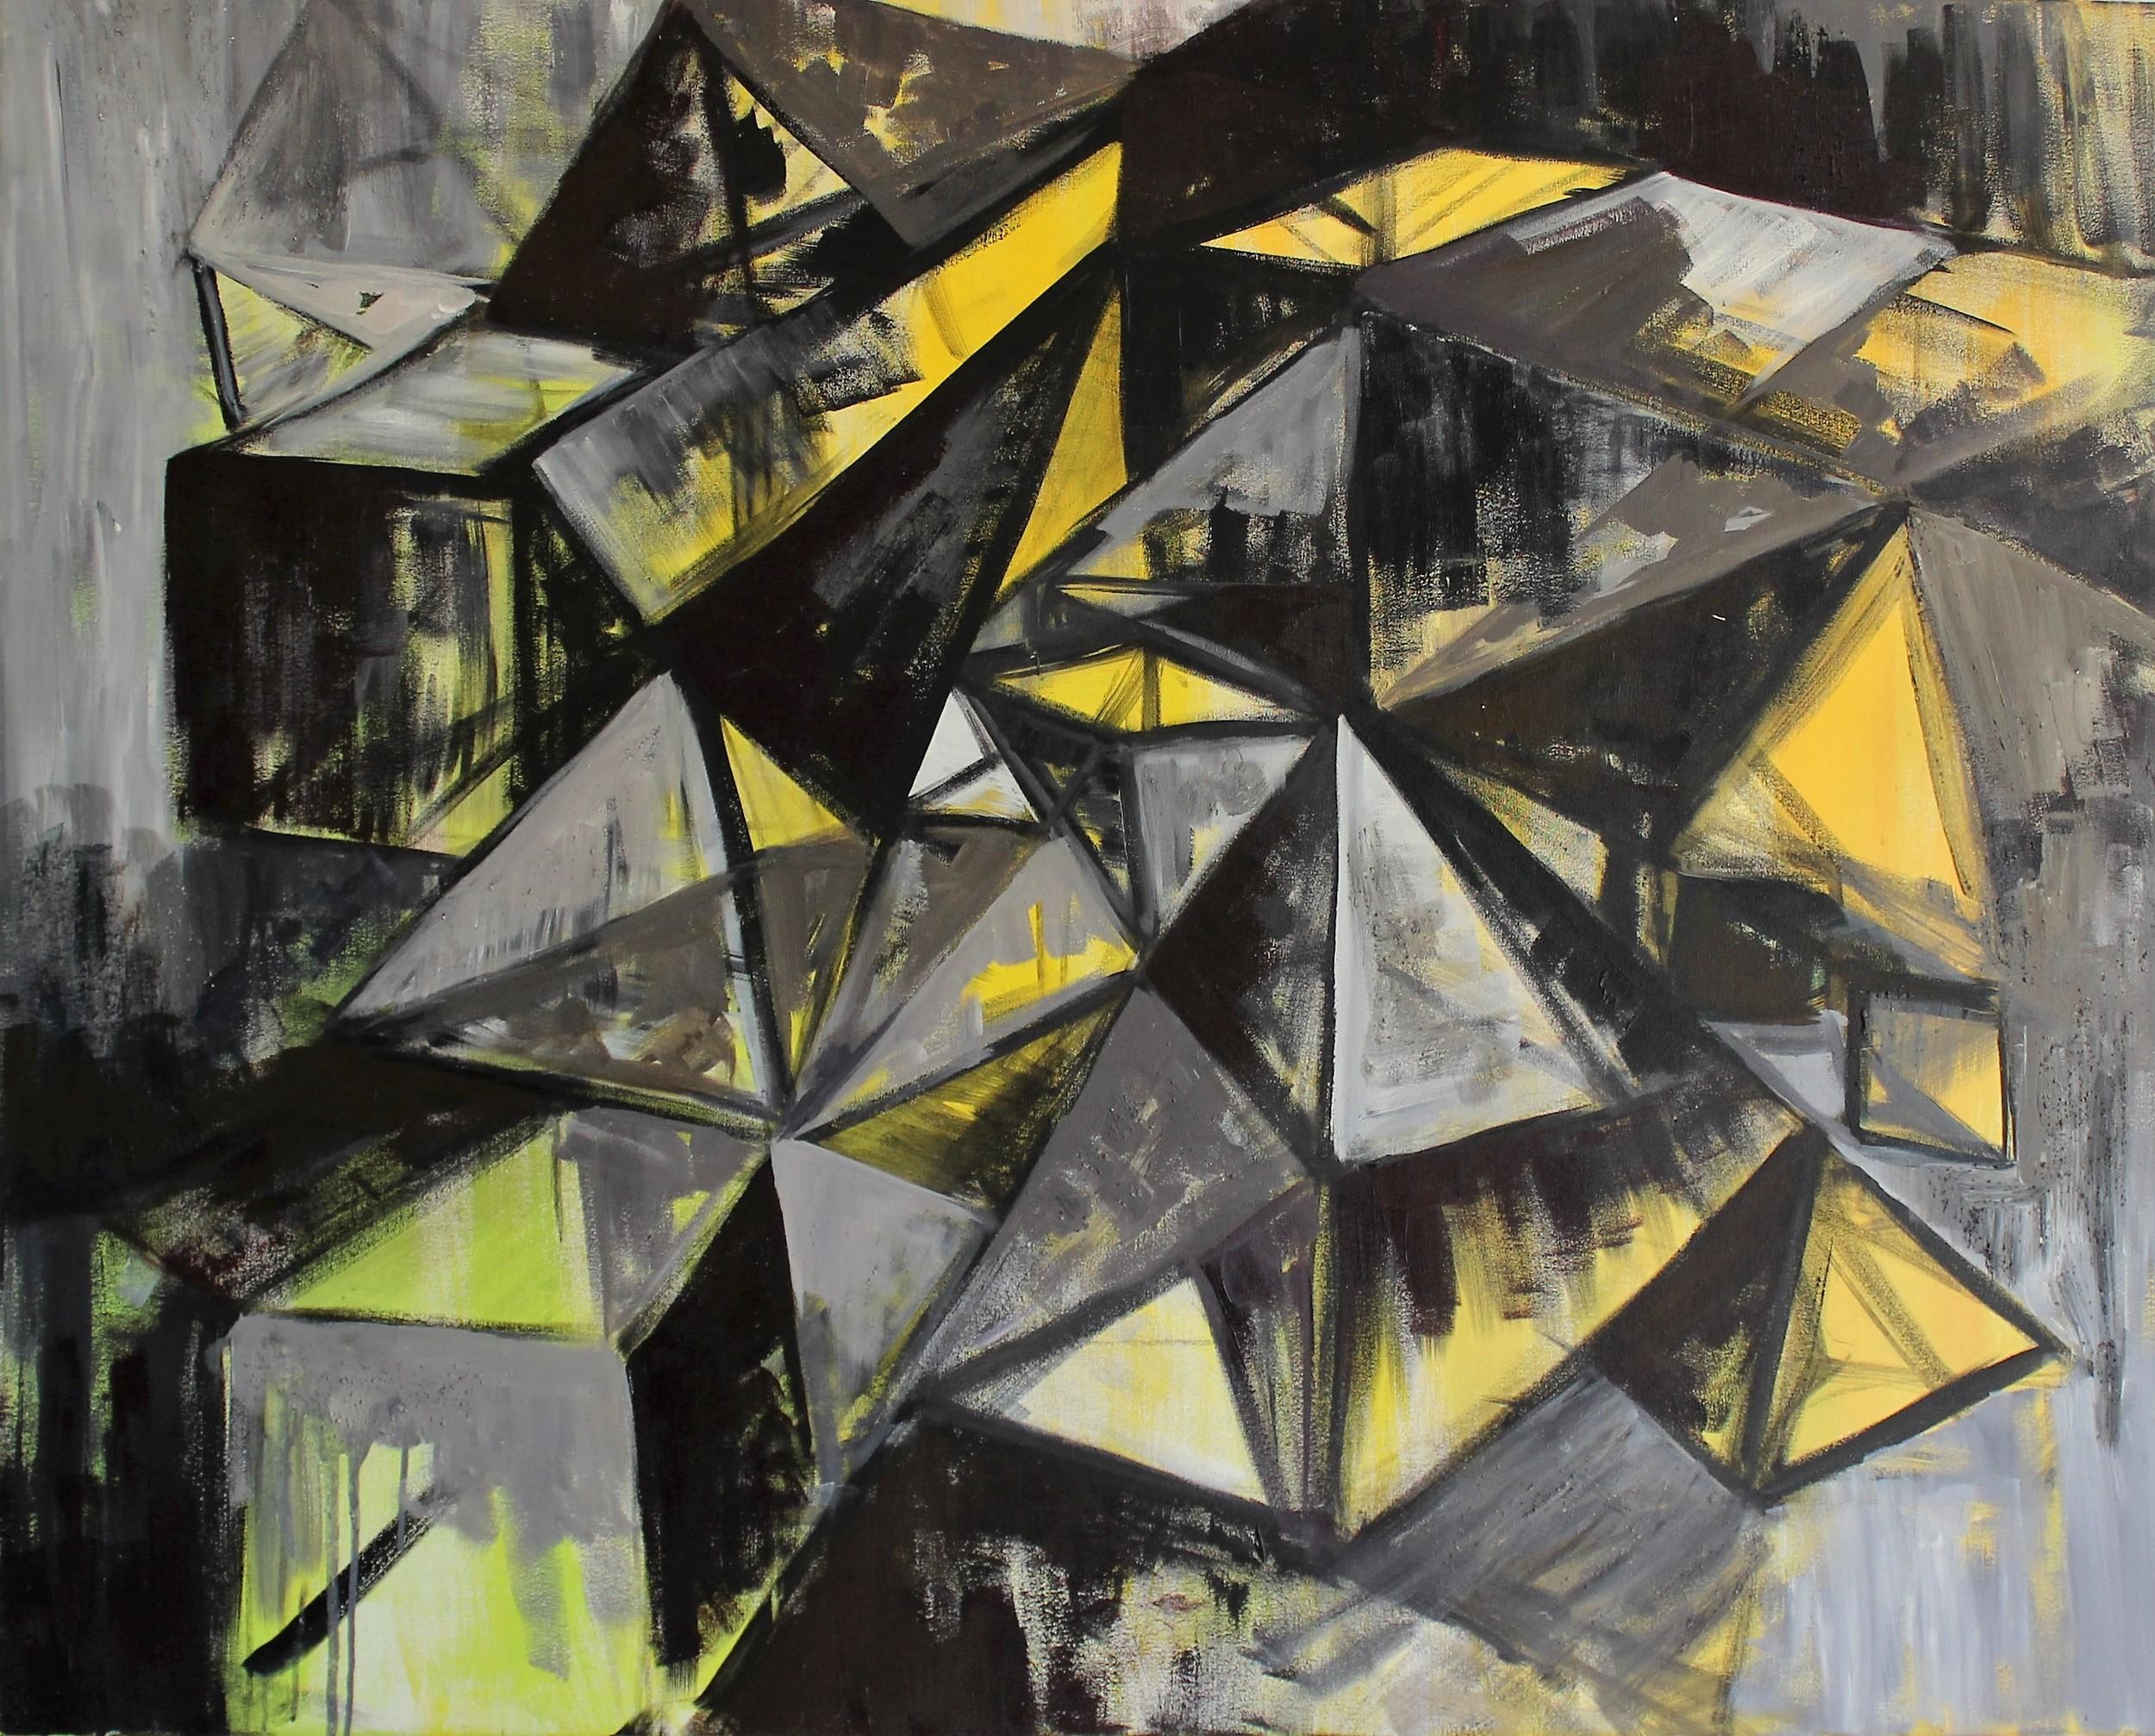 Green & Yellow Geometric